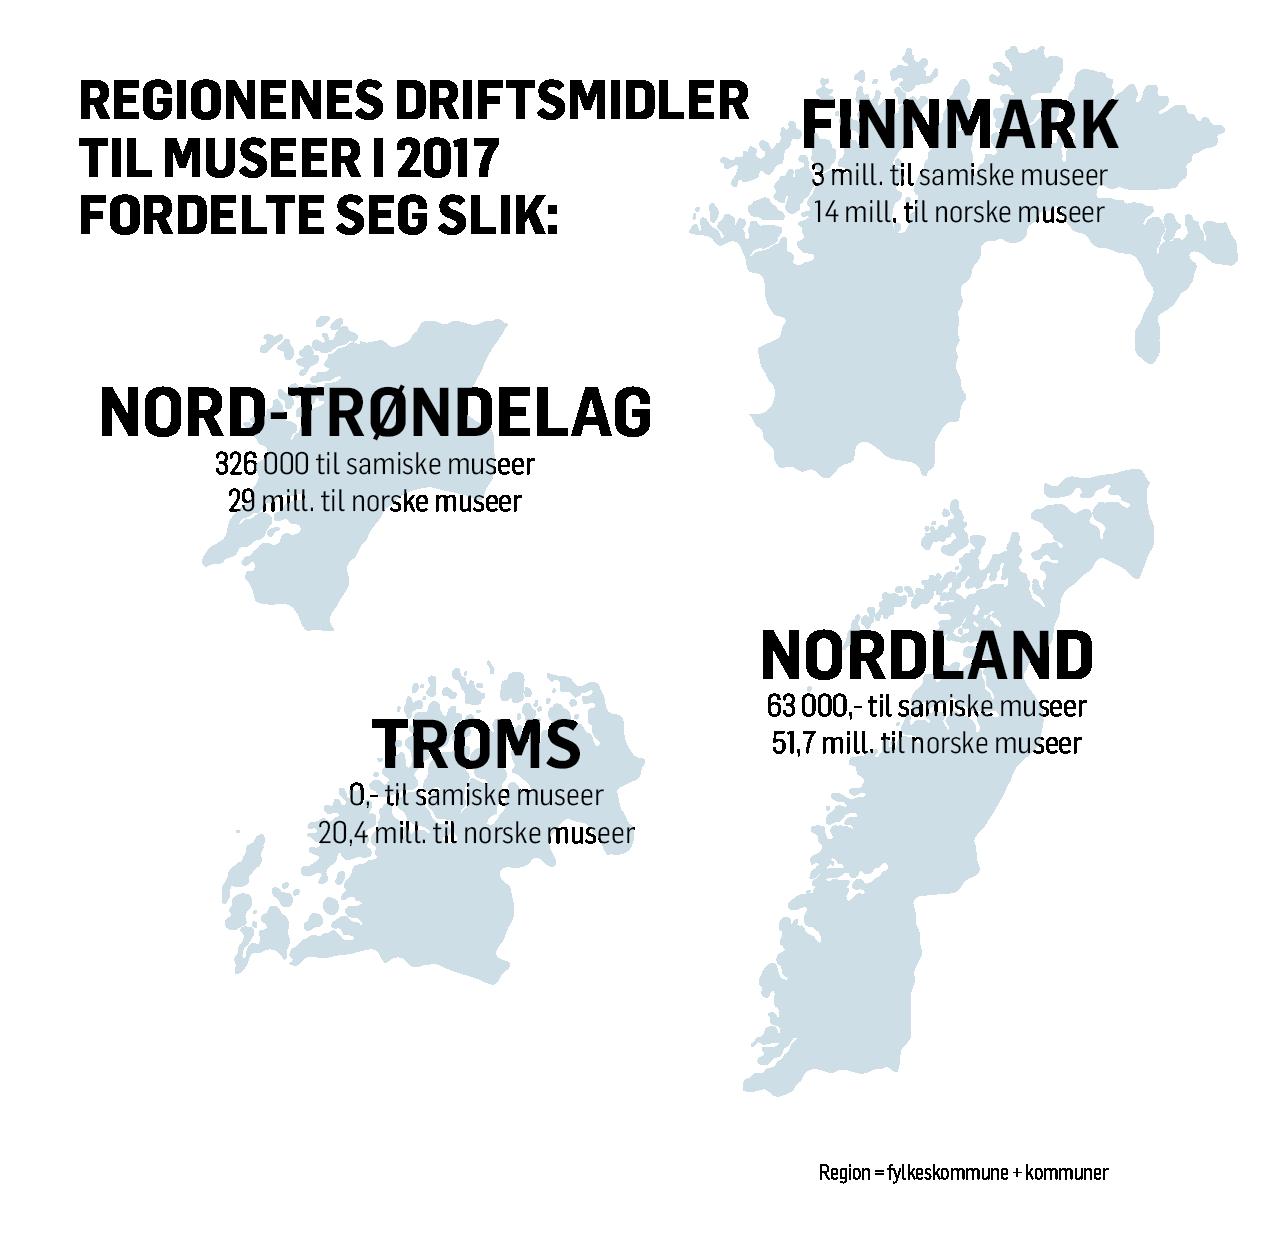 Fordeling av regionale museumsmidler 2017. Kilder: Sametingets årsmeldinger, de samiske museenes årsmeldinger, Kulturrådets museumsvurderinger og museumsstatistikker.